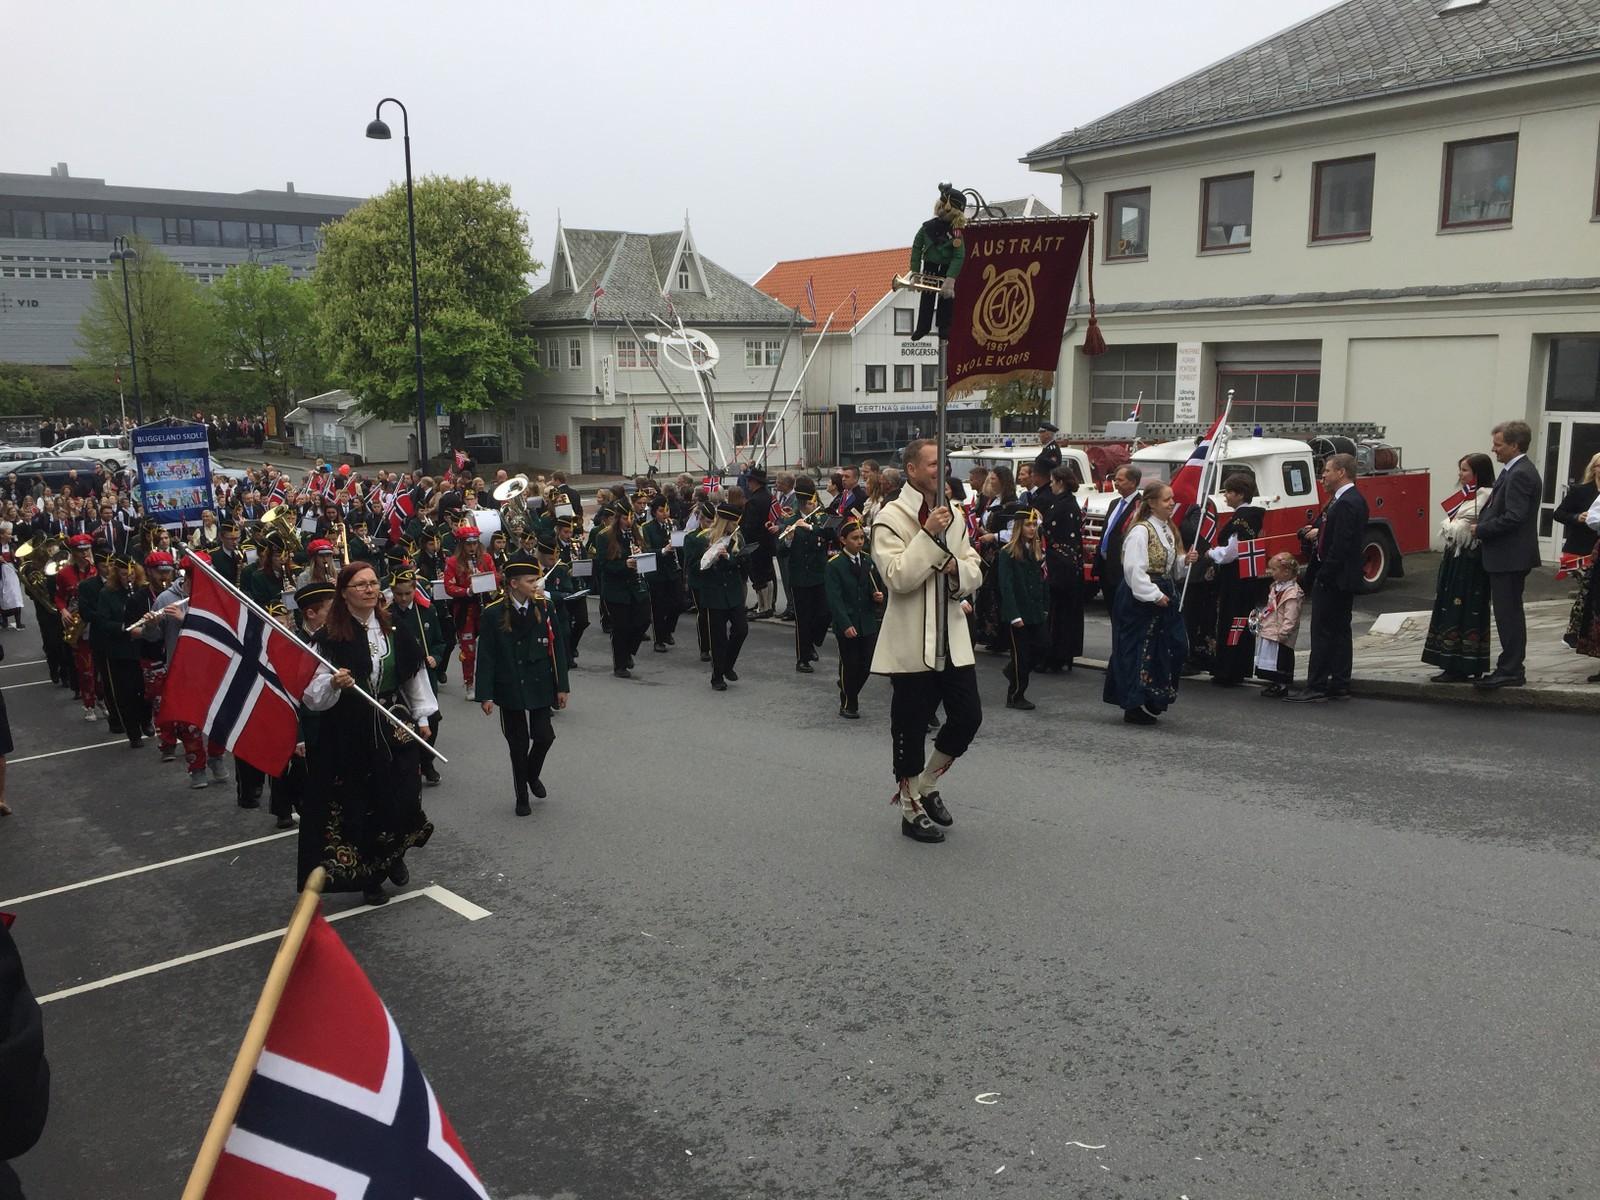 Austrått skolekorps i Sandnes.